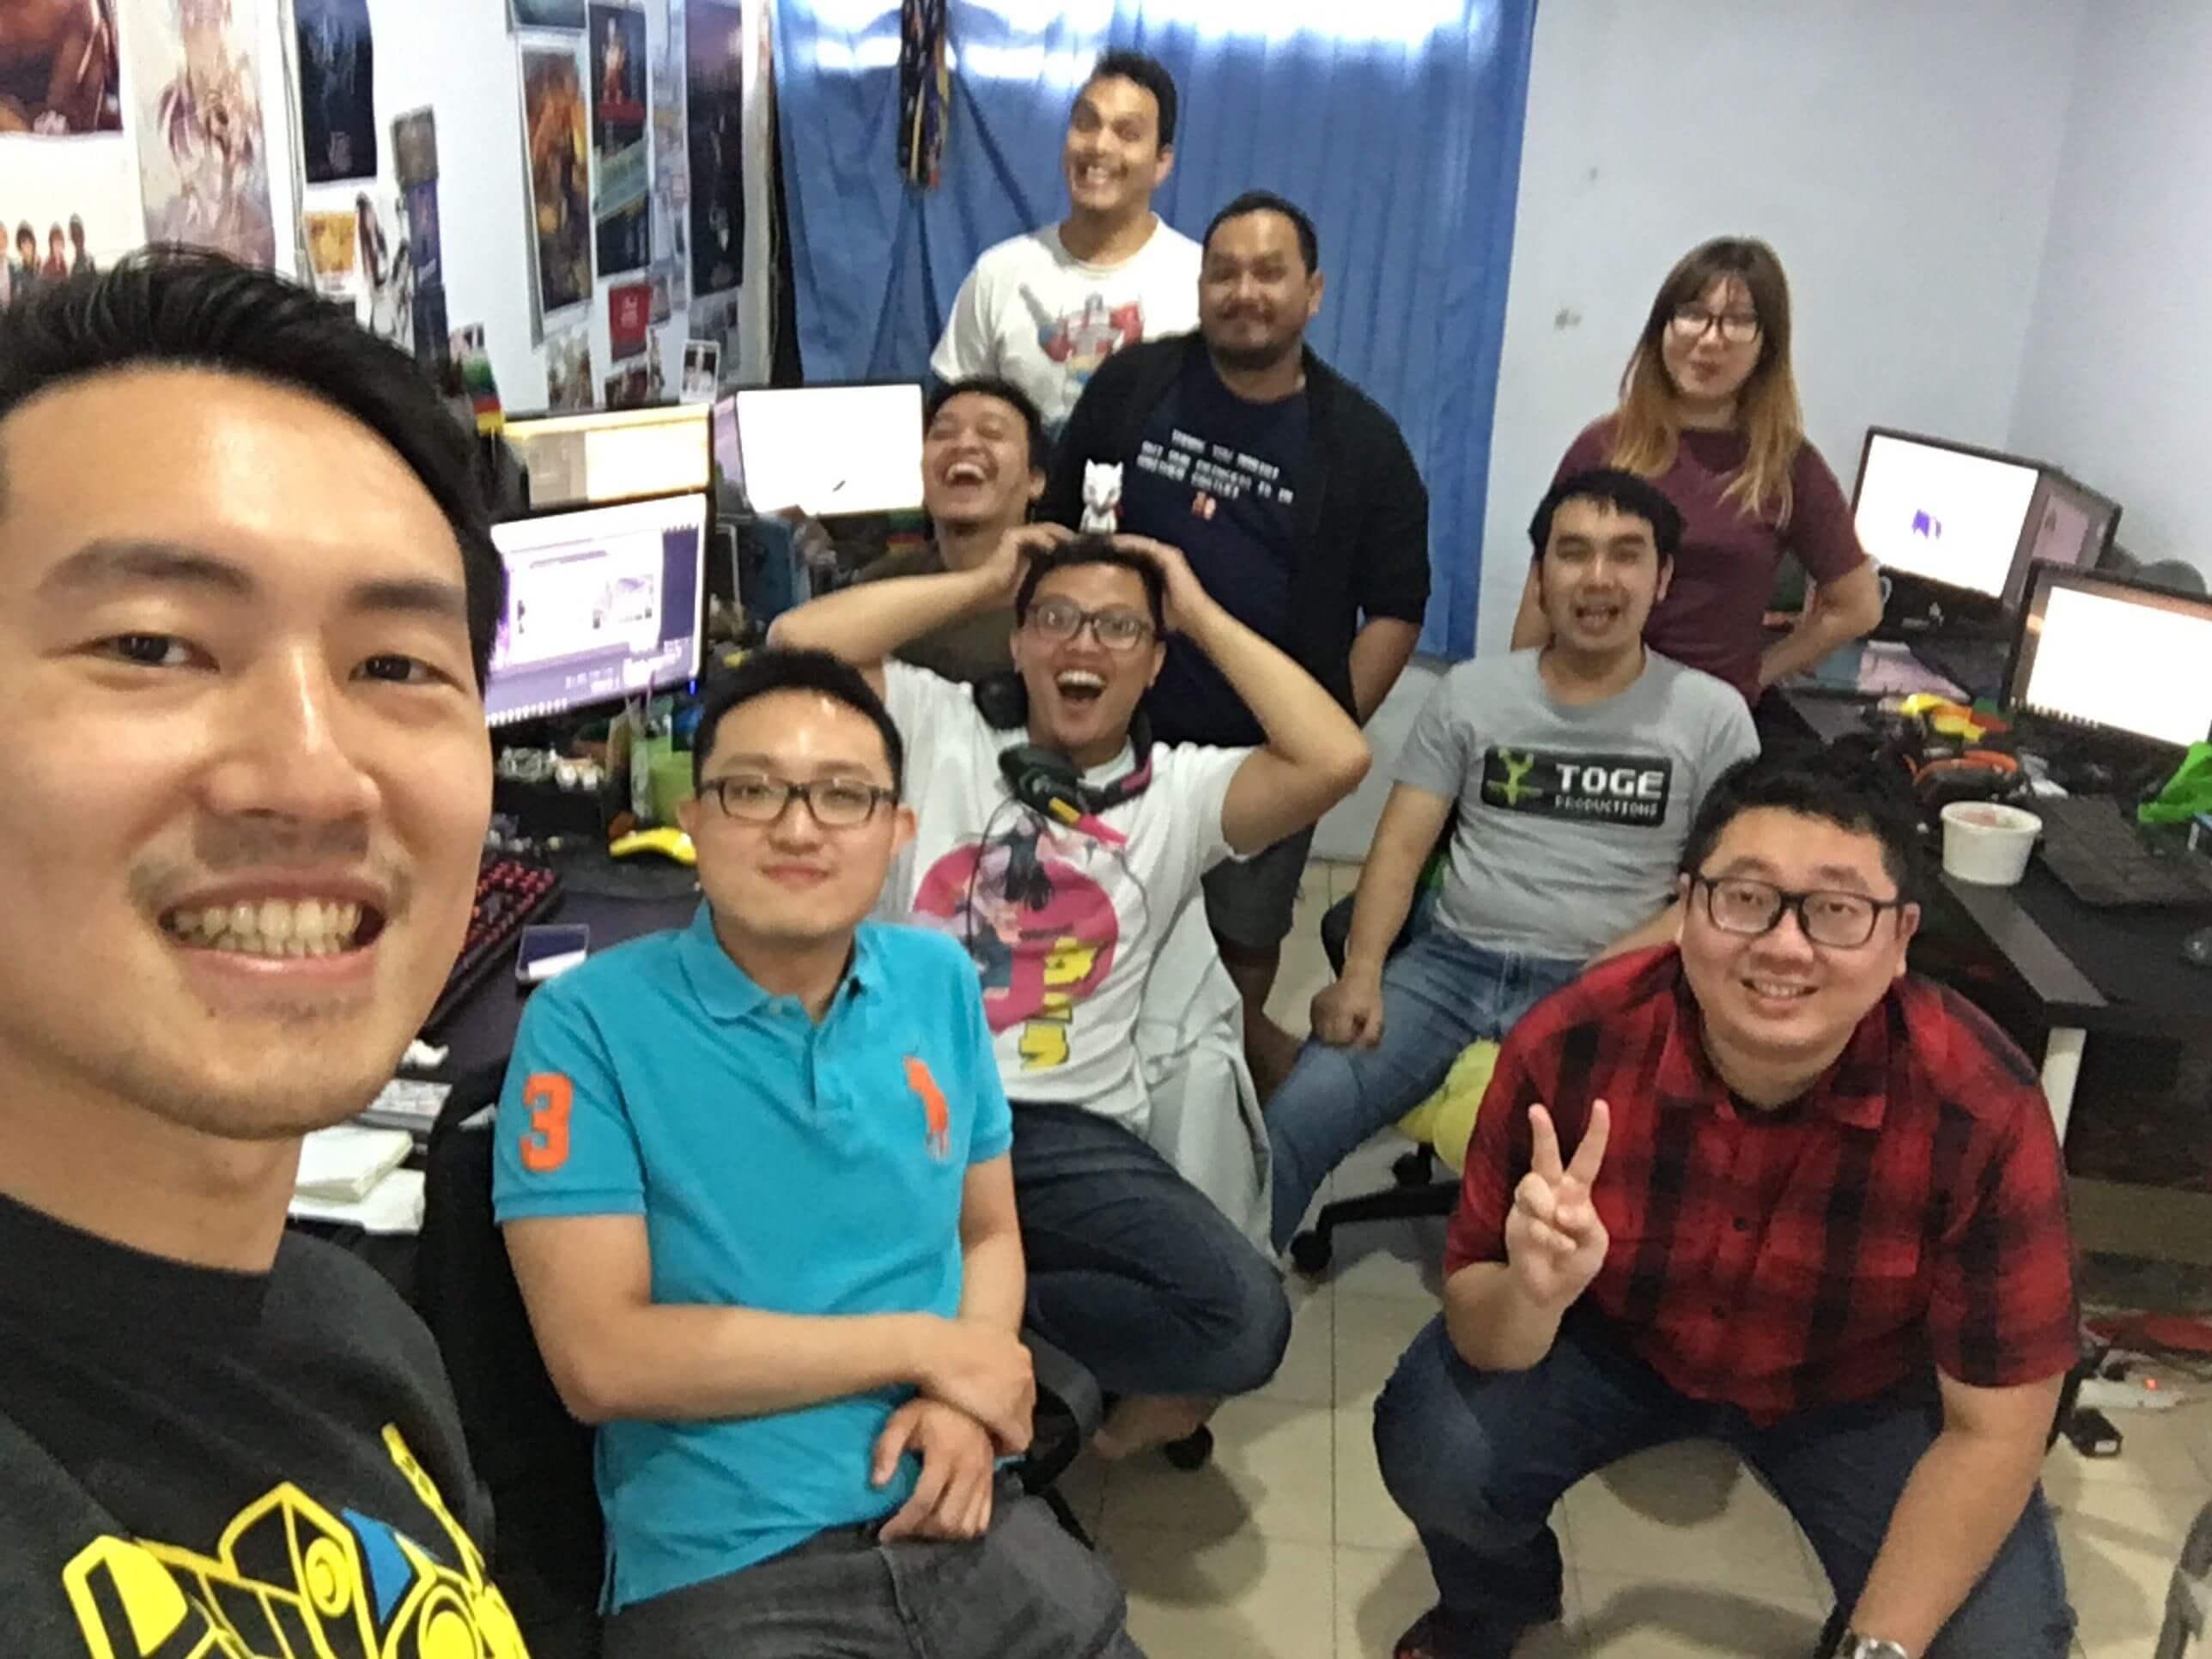 The Toge Team - September 2019